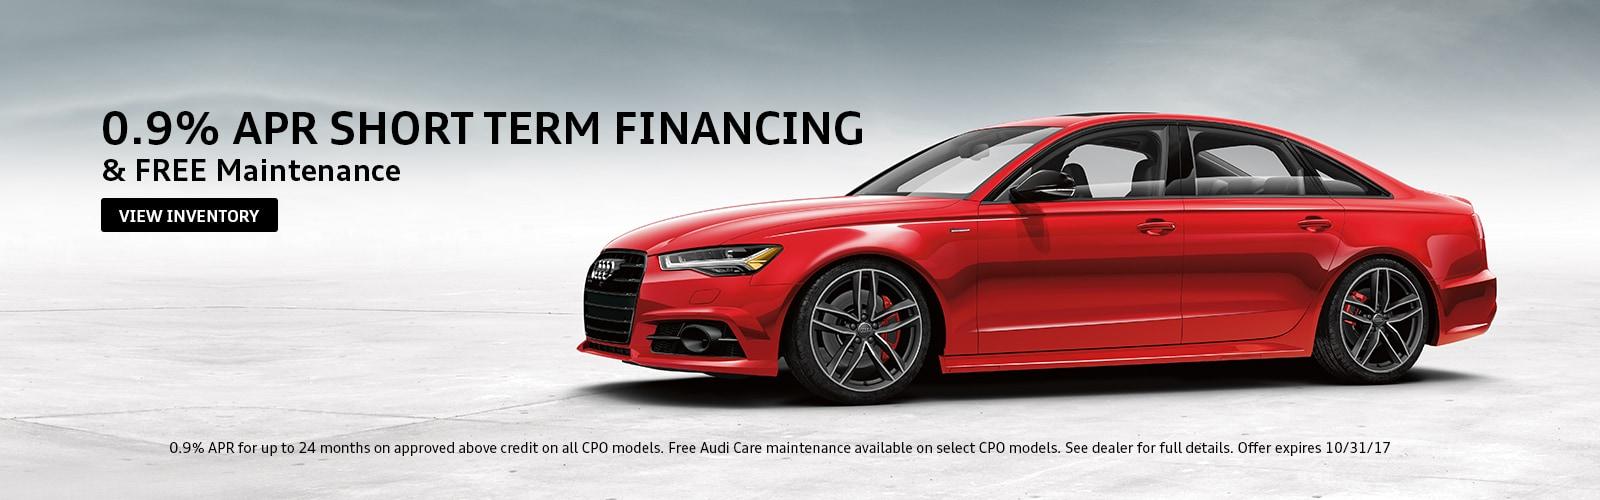 Rusnak Westlake Audi Dealership Encino CA New Used Audi Dealers - Southern california audi dealers